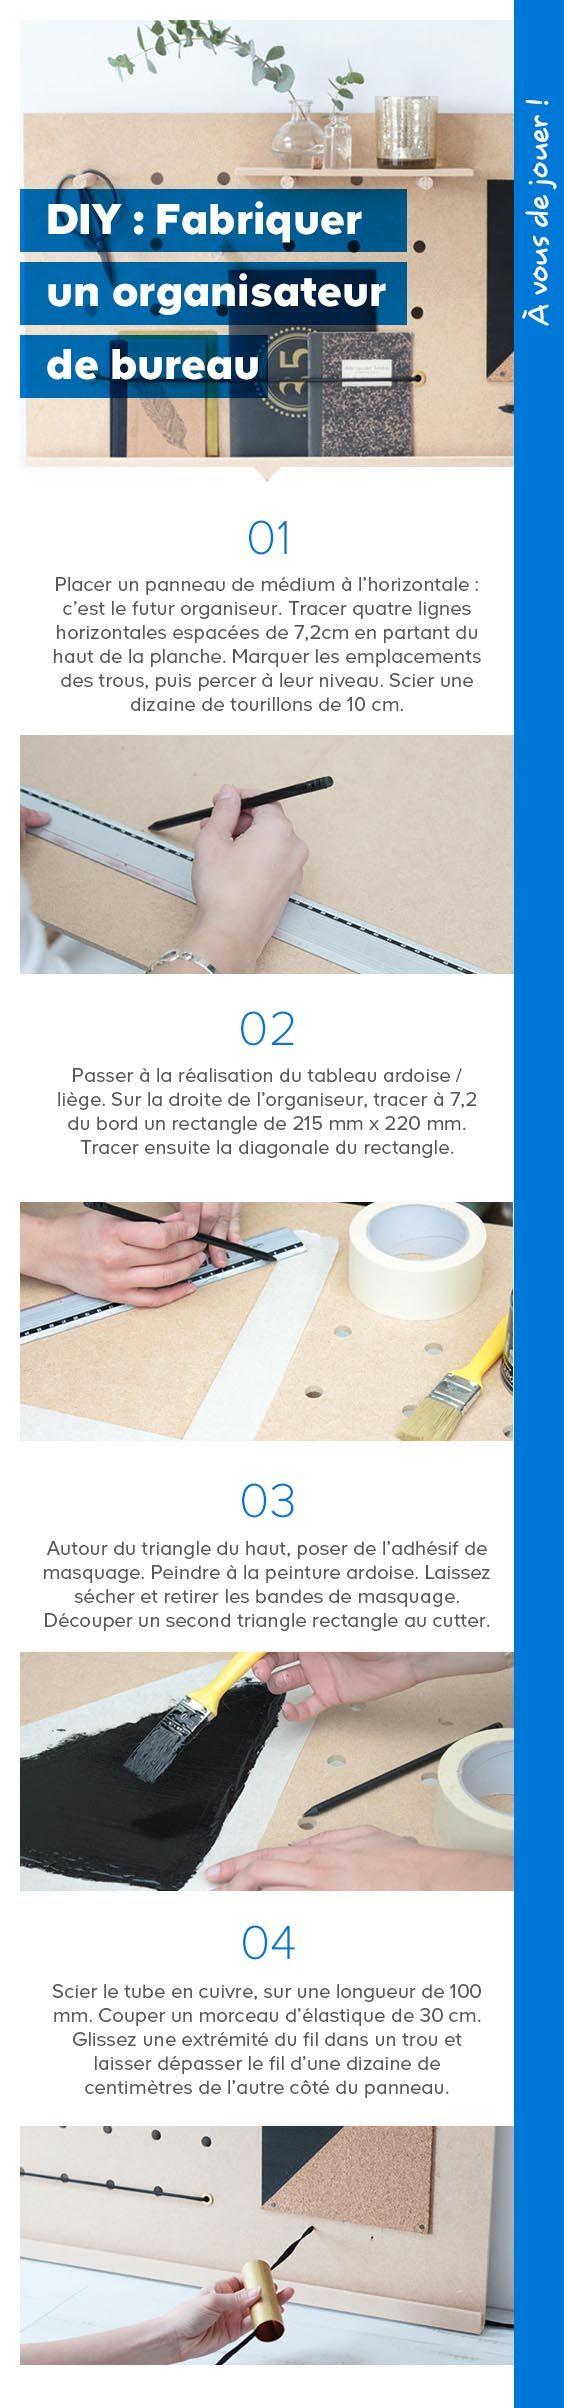 Ampoule laureen luhn design graphique - Suspendez Vos Affaires De Bureau Avec Style On Vous Montre Comment Dans Ce Tutoriel Diy